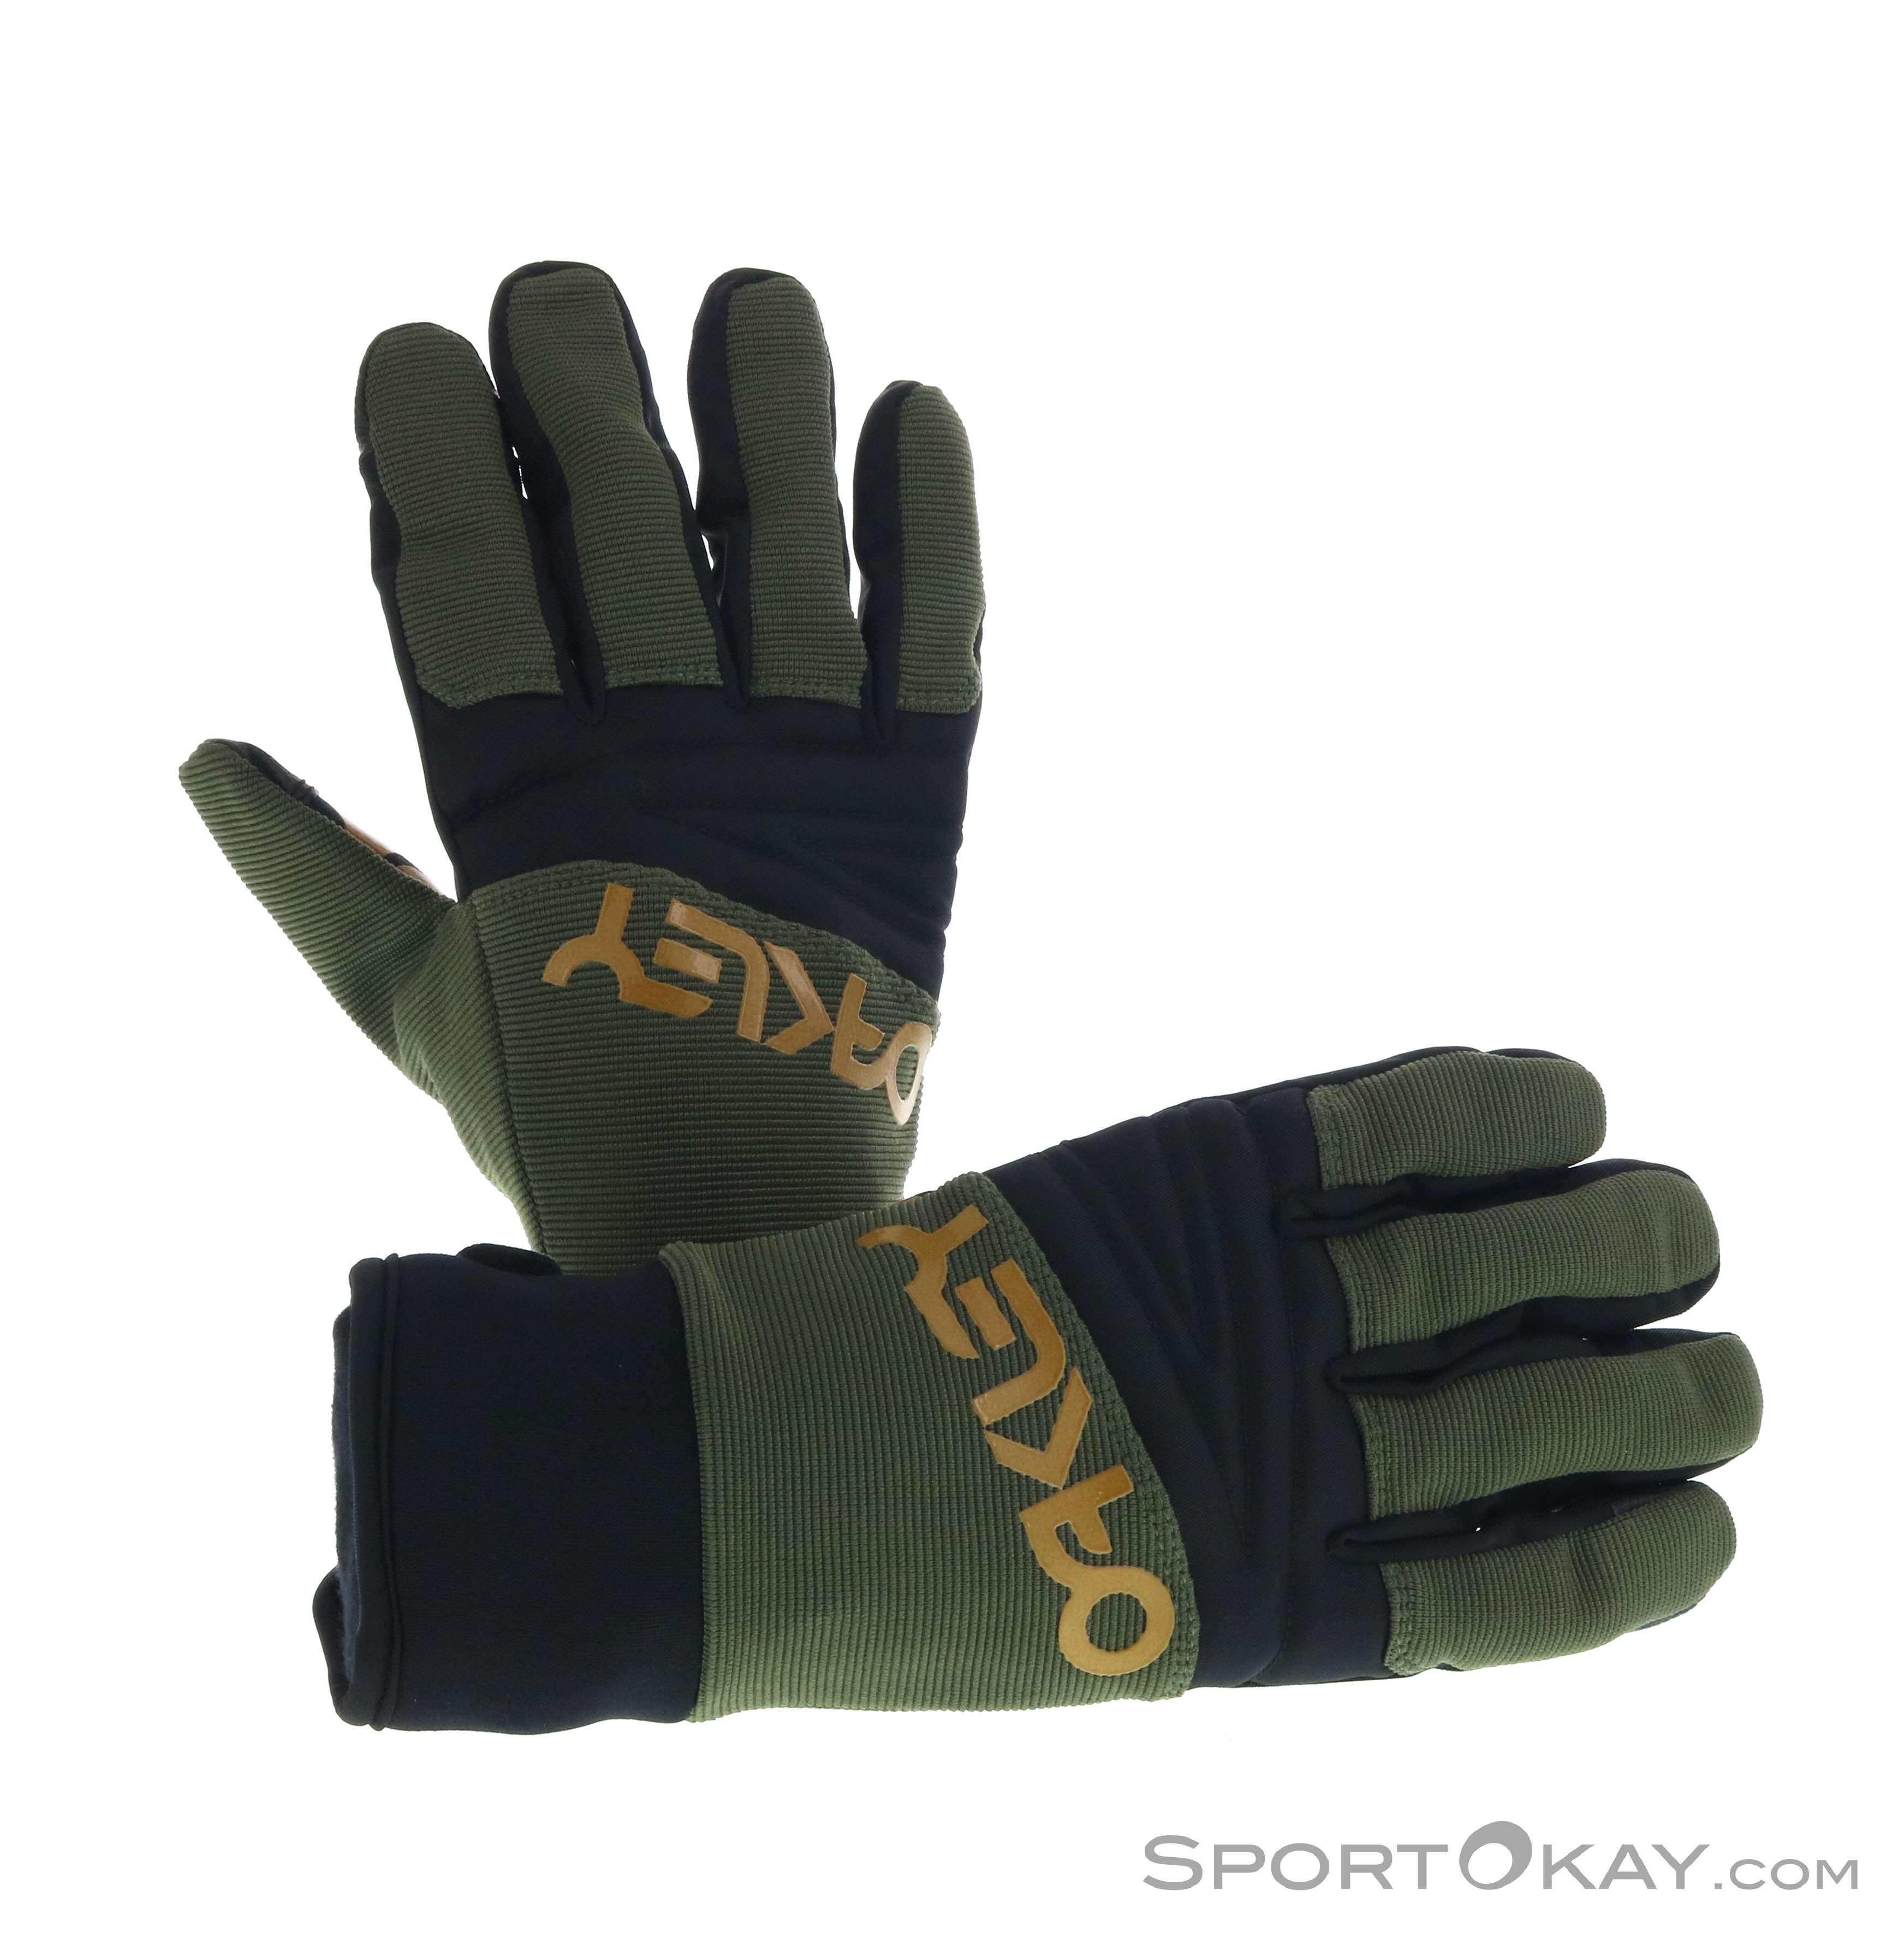 Oakley Factory Park Glove Handschuhe-Oliv-Dunkelgrün-M